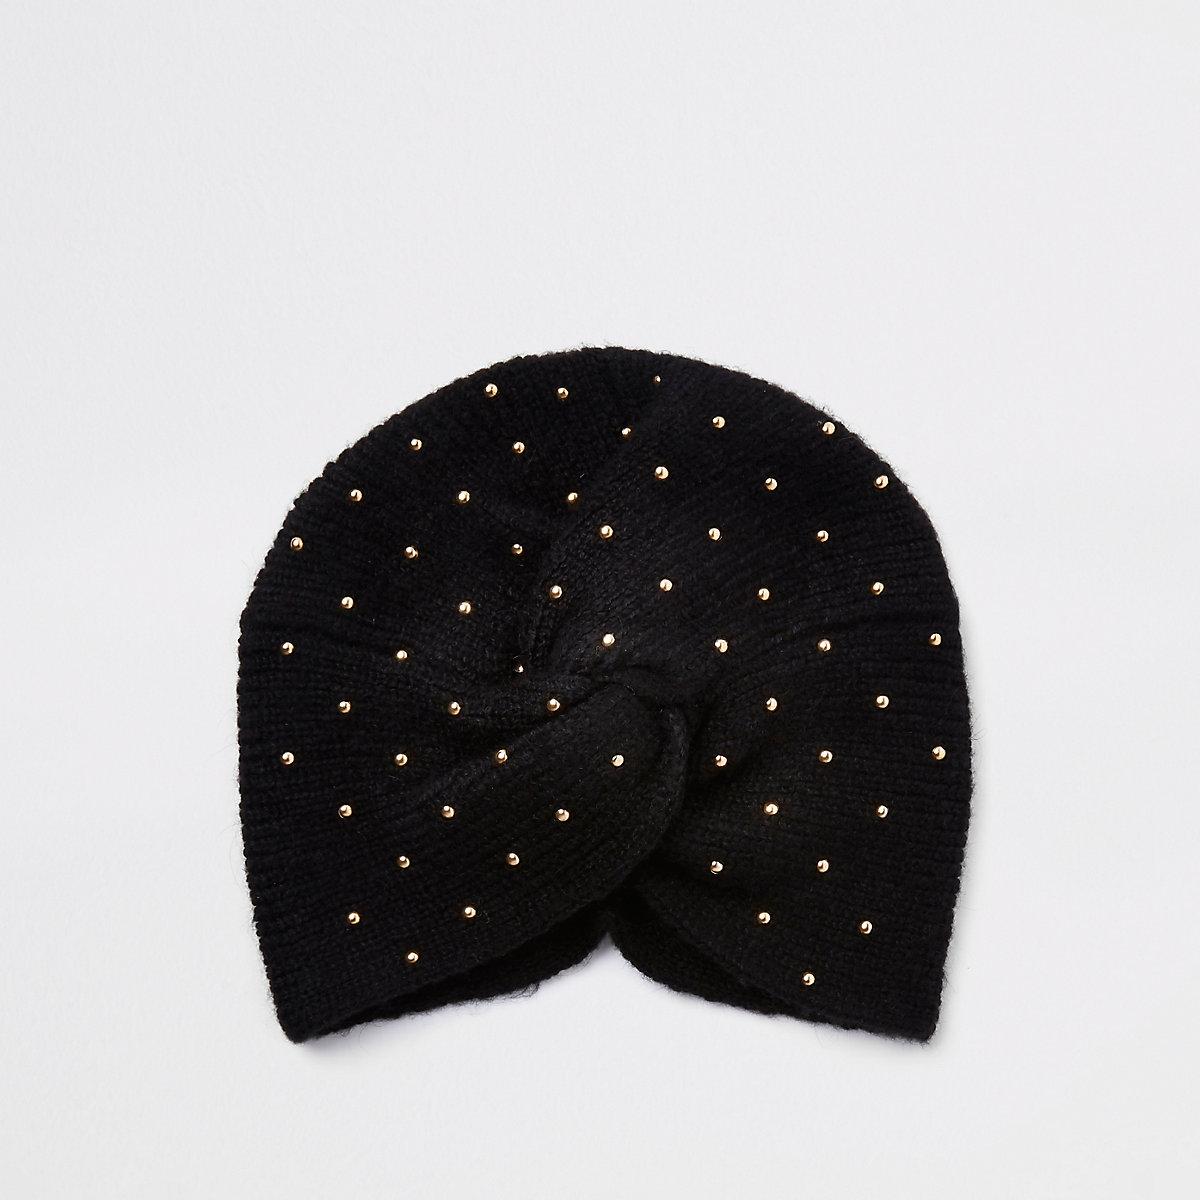 Black stud embellished knit turban headband